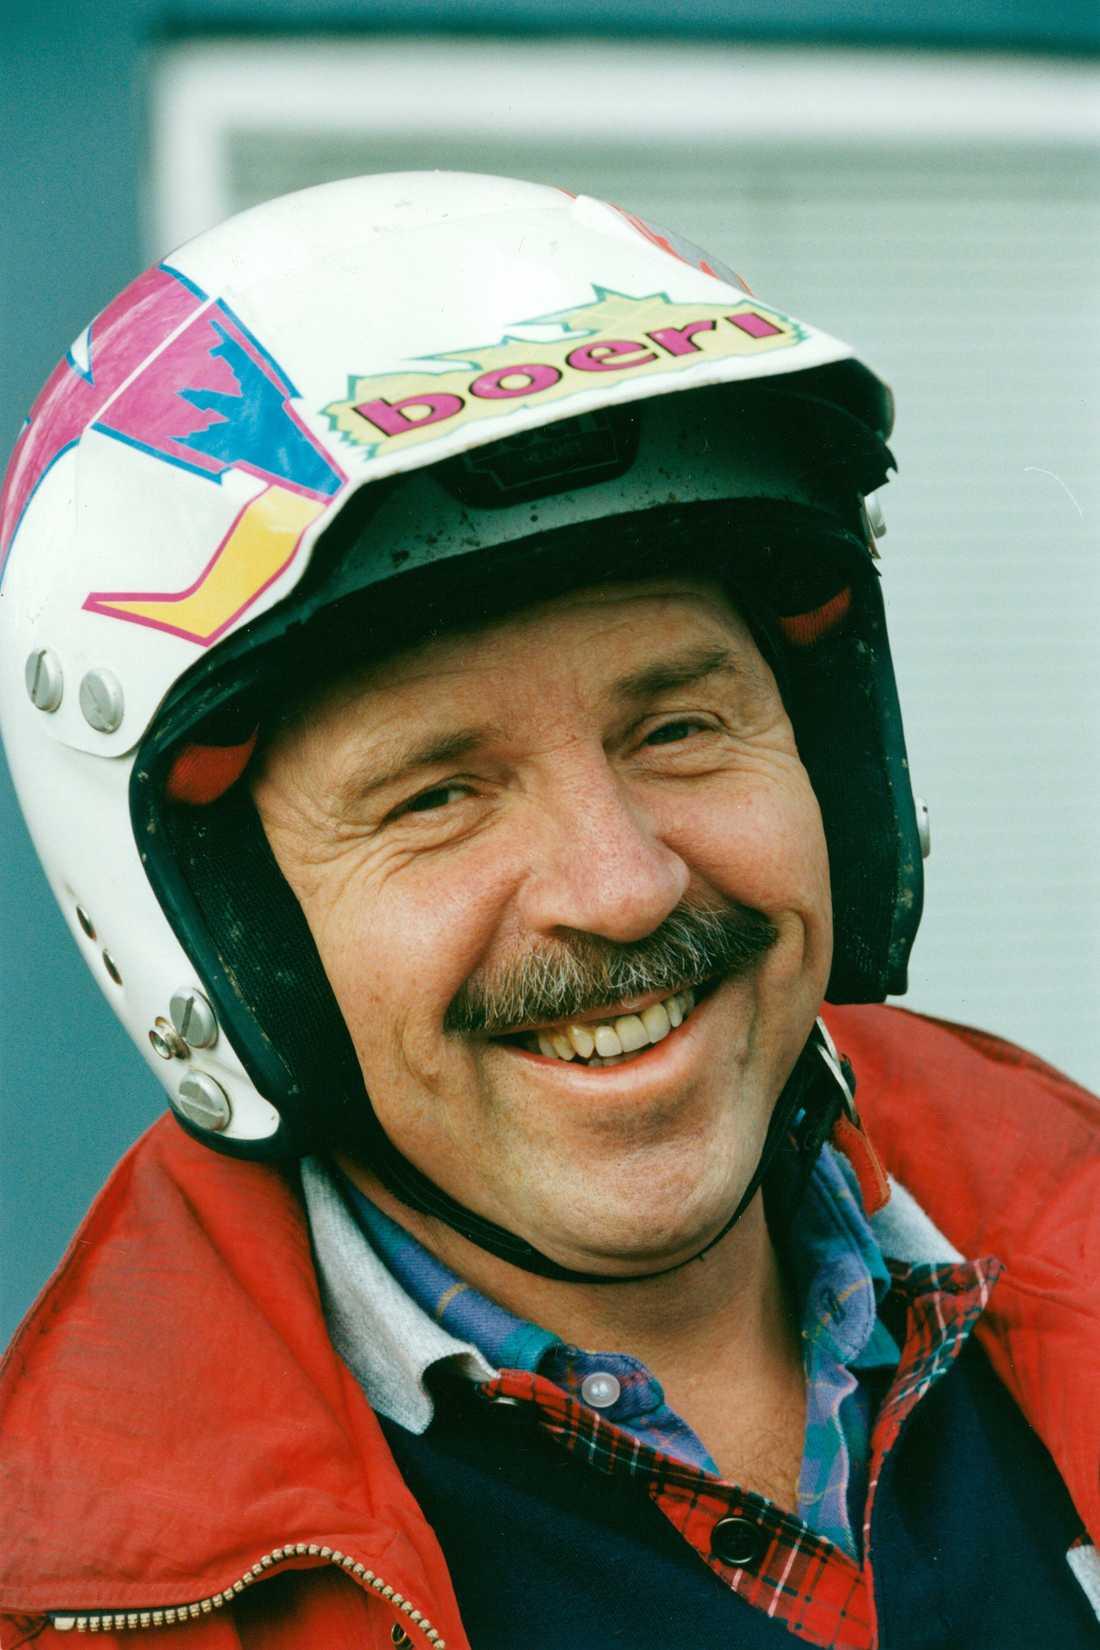 """Janne """"Loffe"""" Carlsson """" kär motorcykel 1995."""